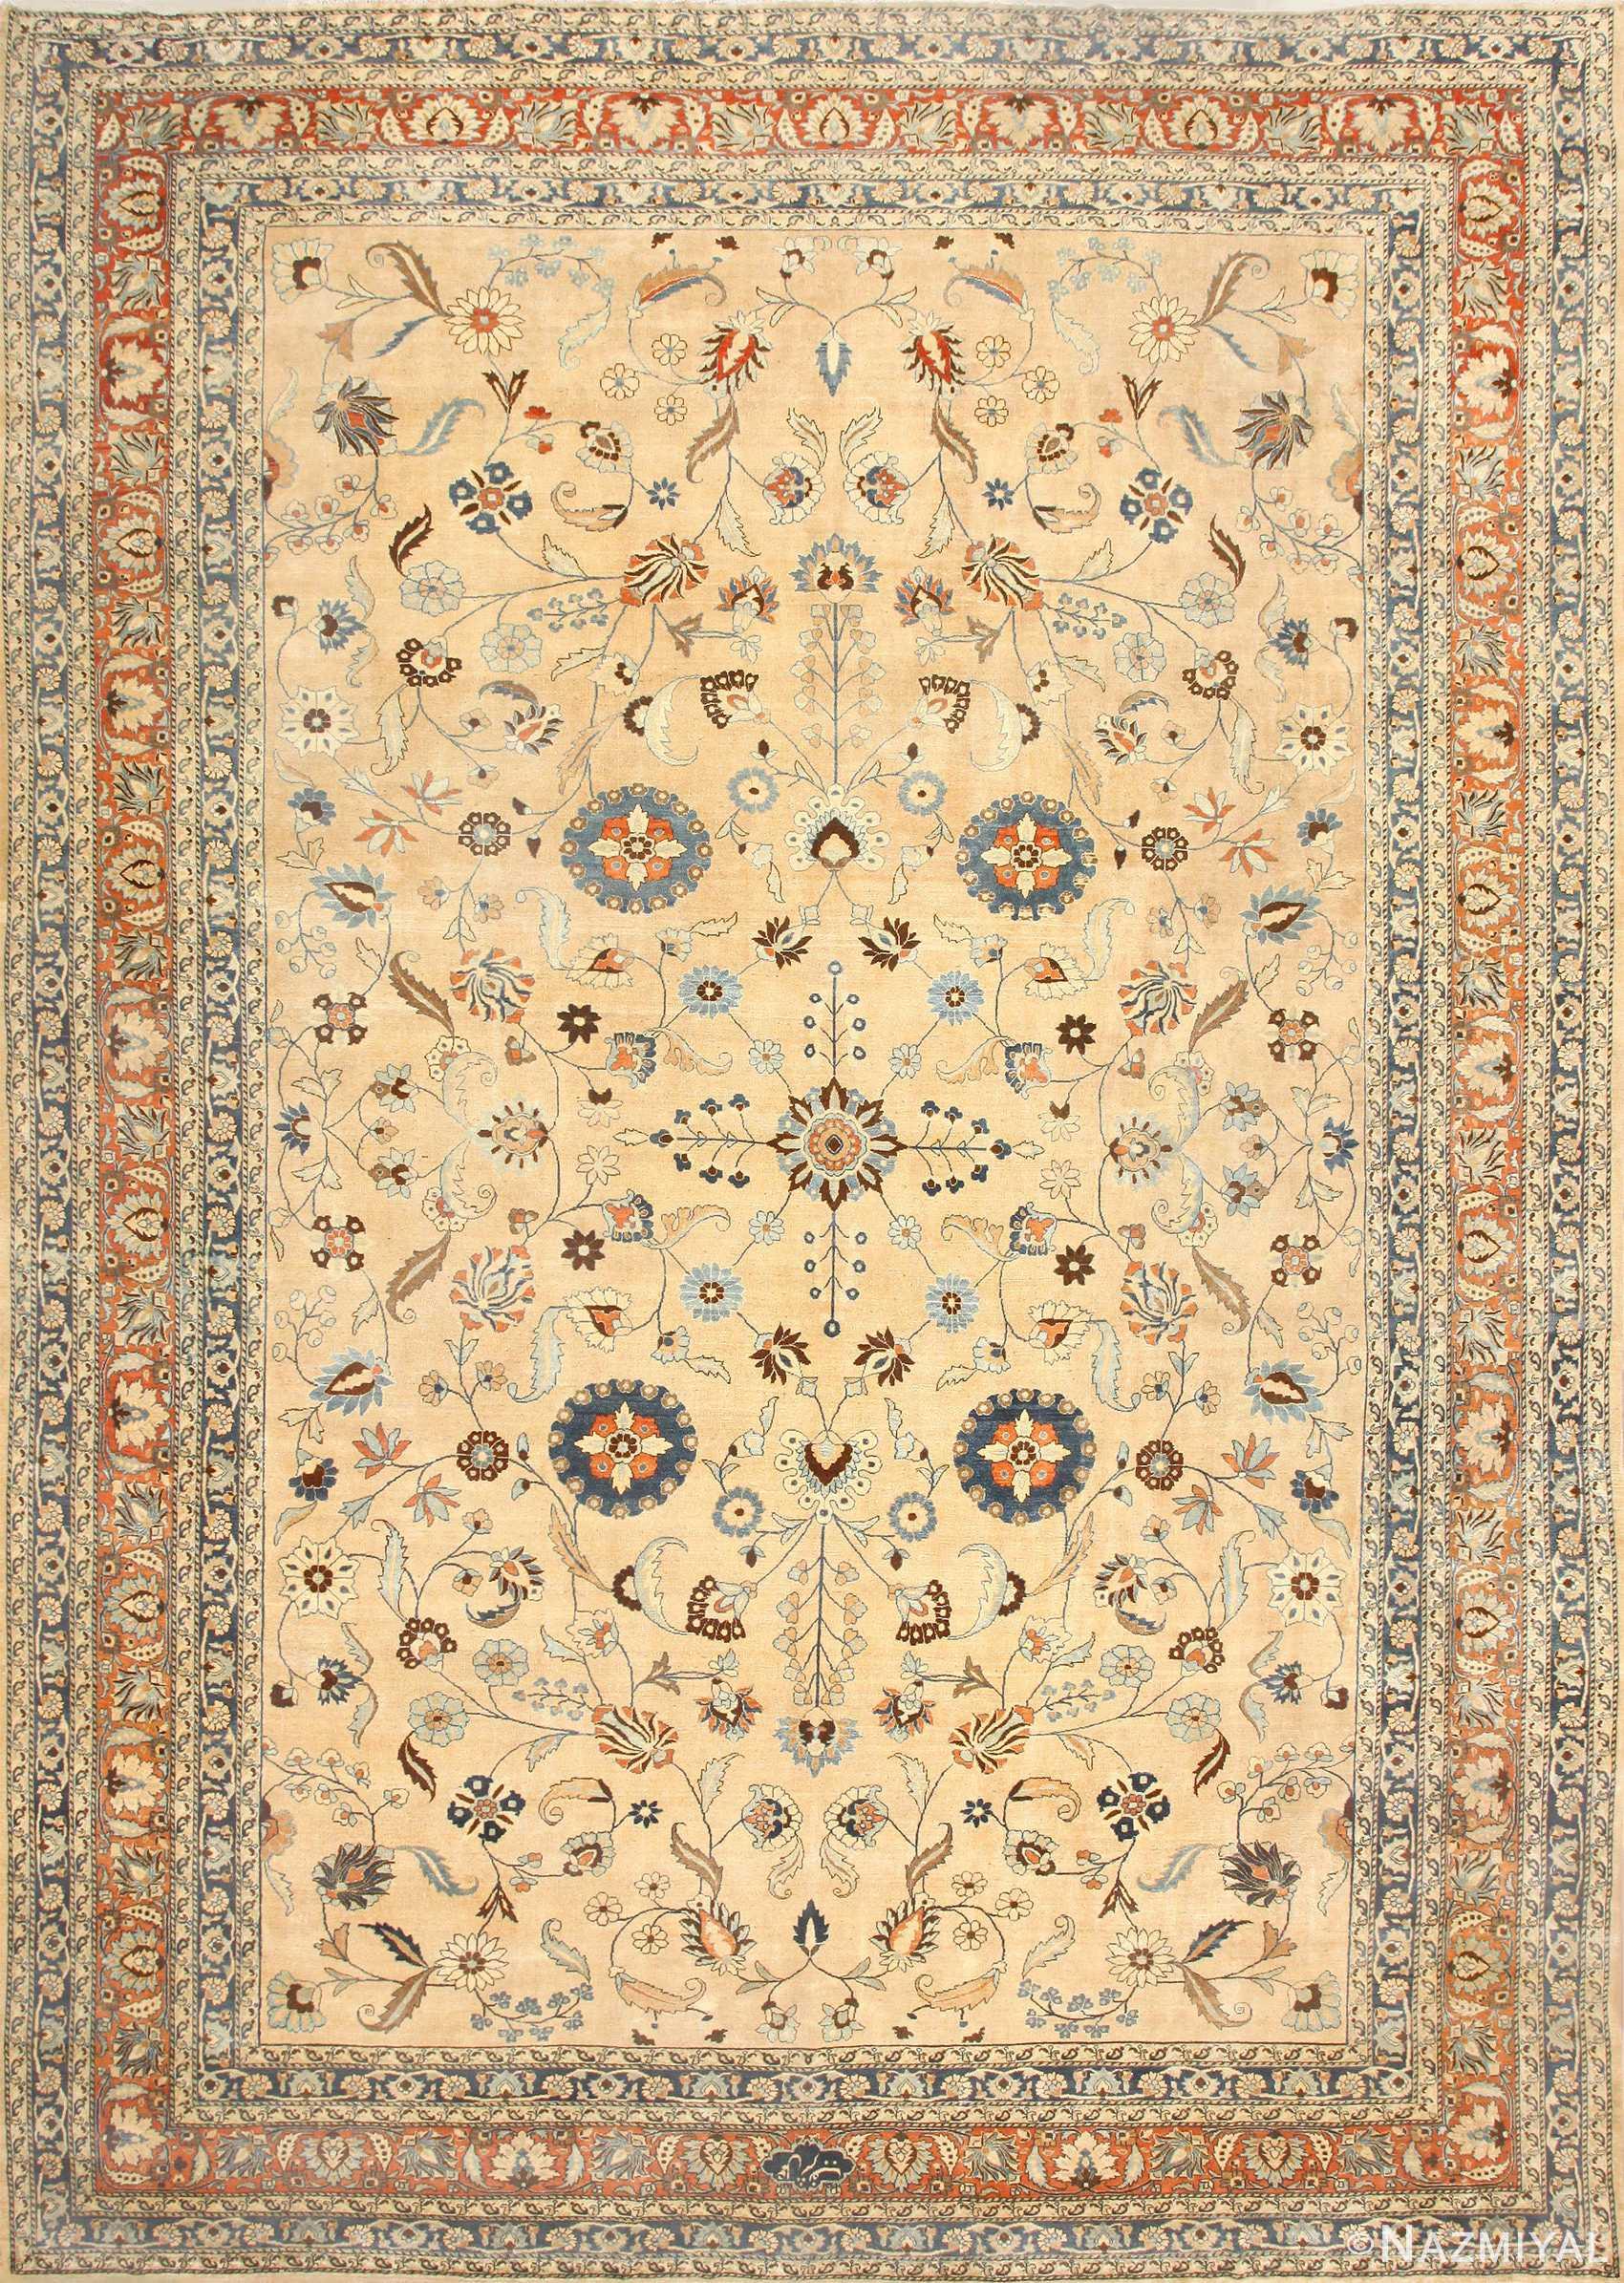 Large Antique Persian Khorassan Carpet 48386 Nazmiyal